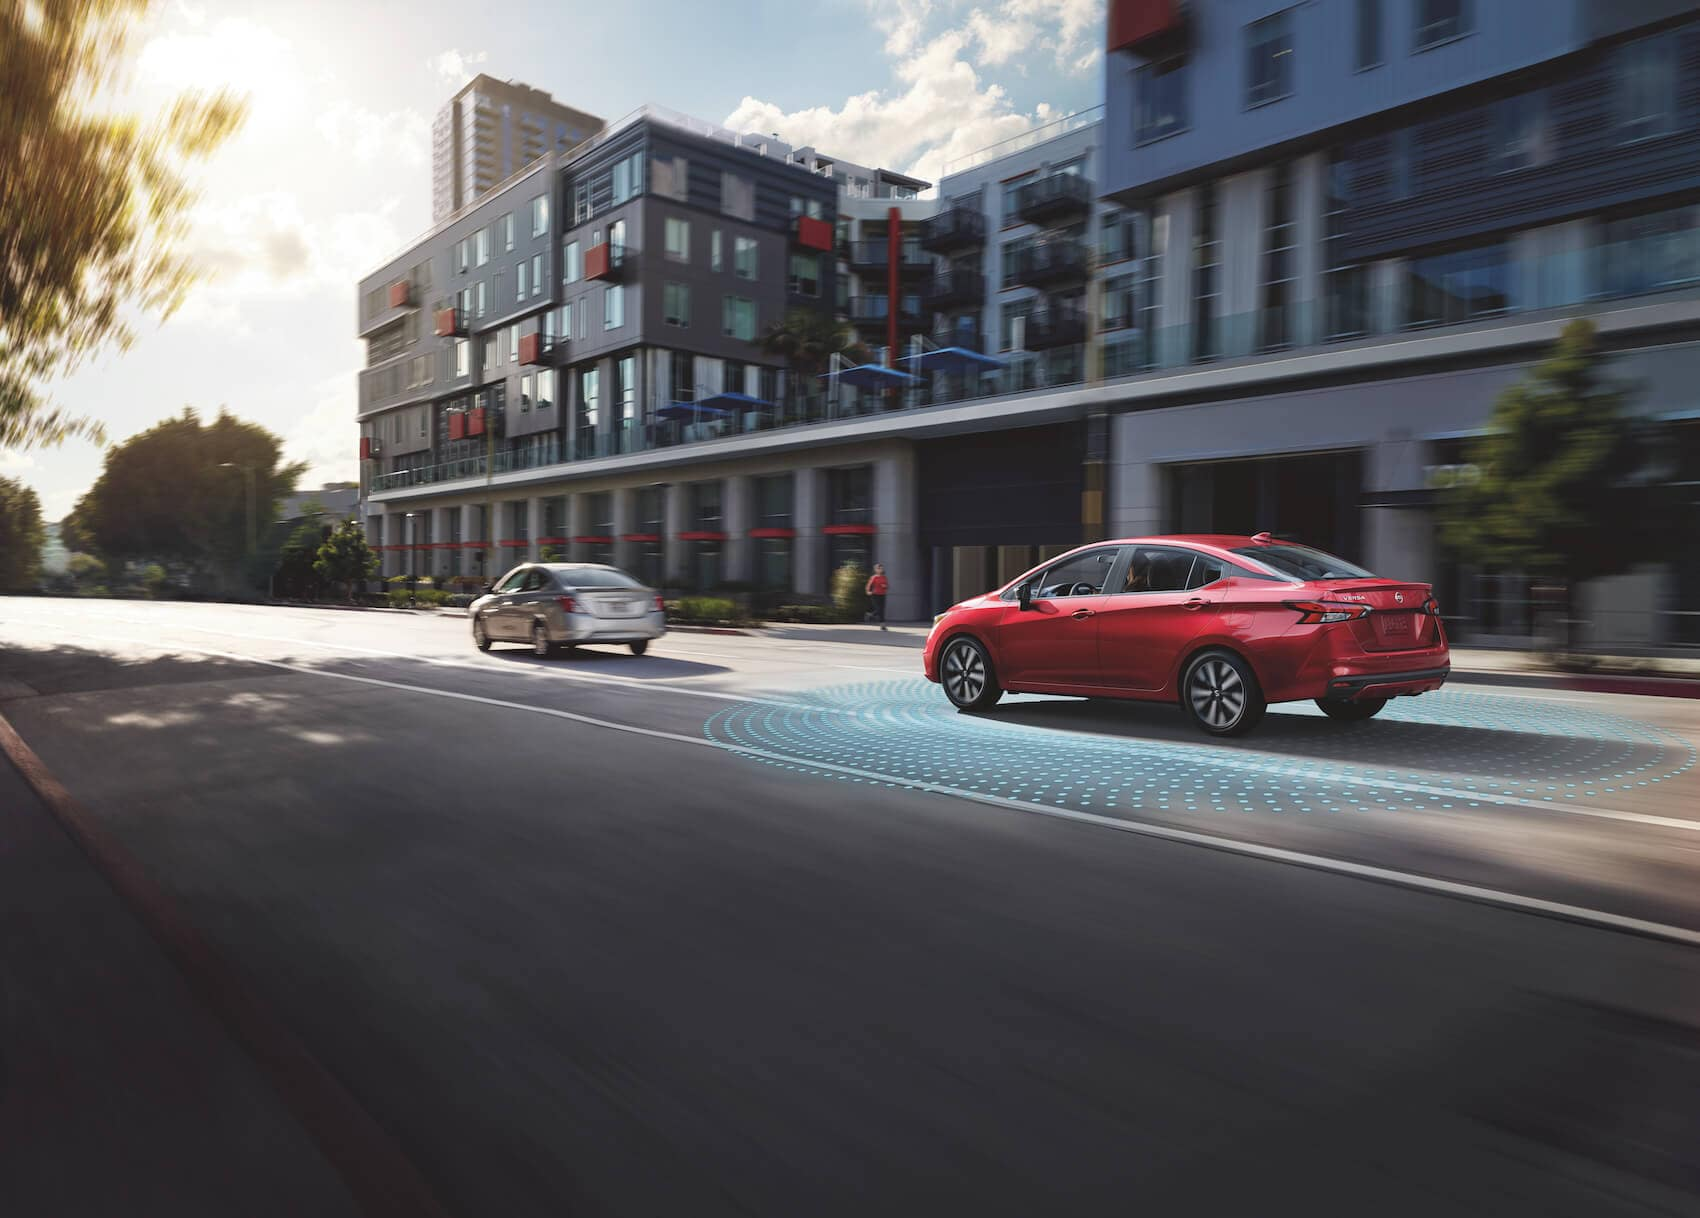 2020 Nissan Versa driver assistance New Castle, DE